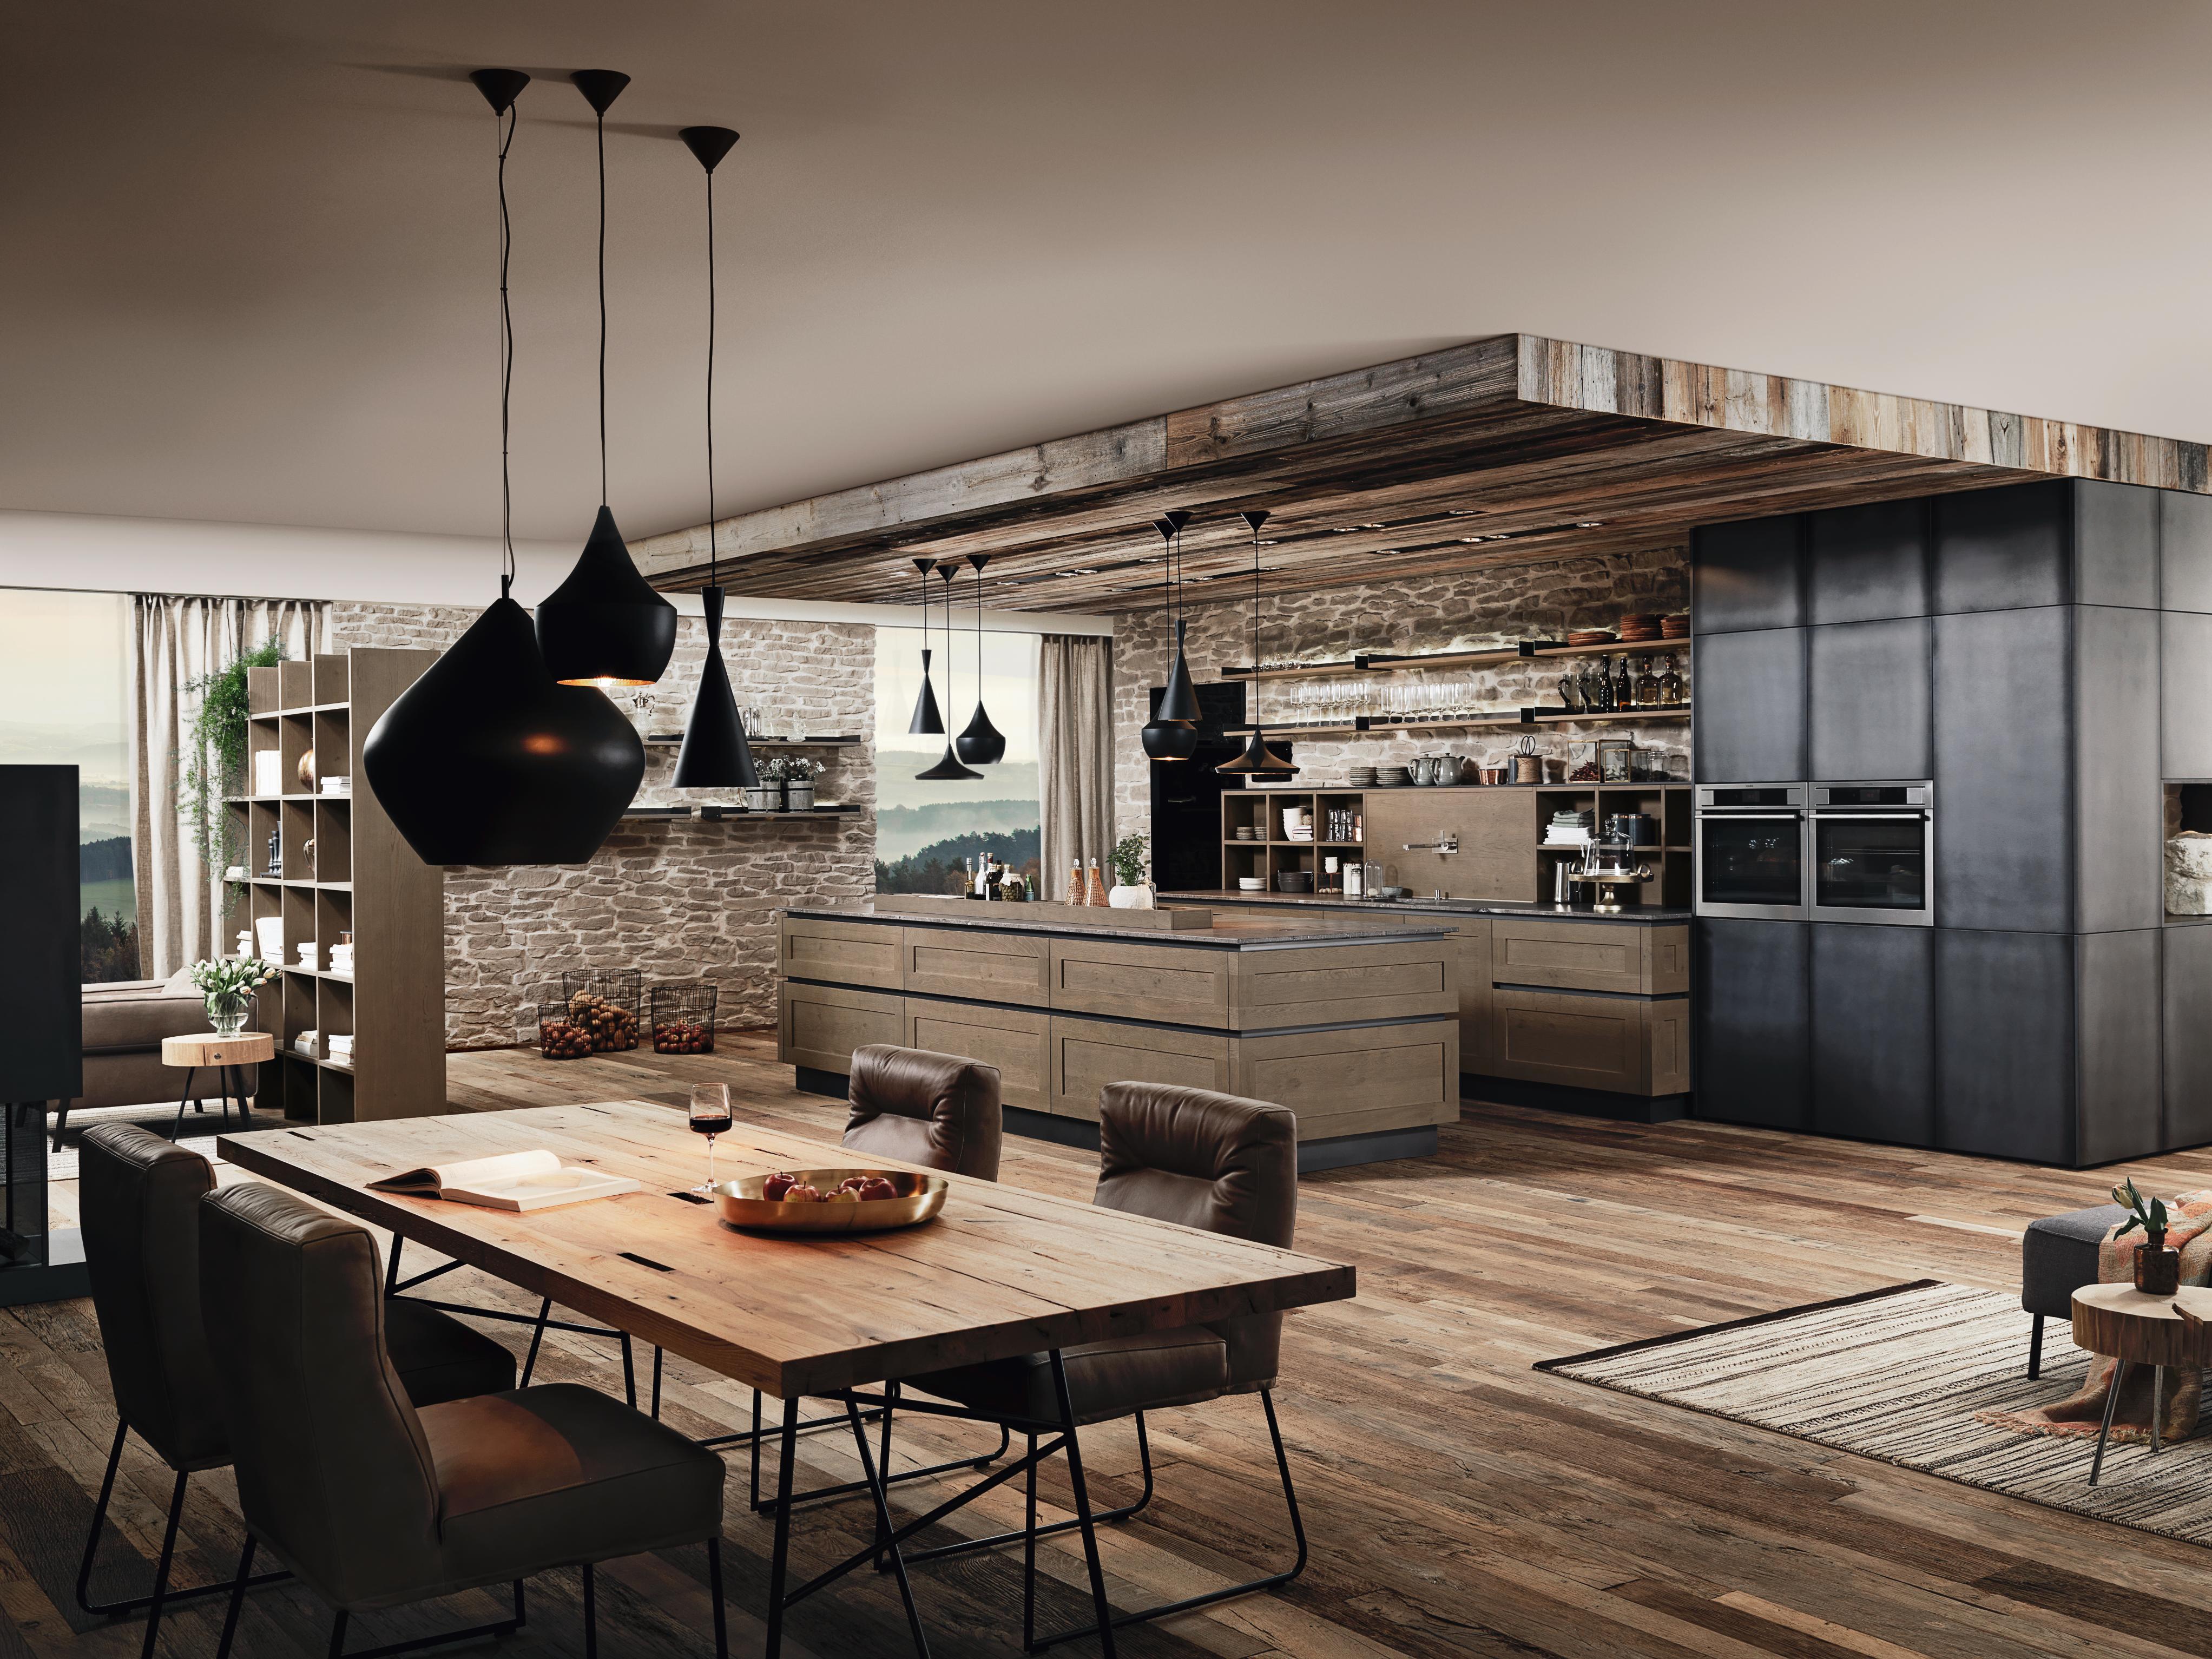 Küchen-Galerie Dombos  Küchen mit Form und Funktion  Aspach